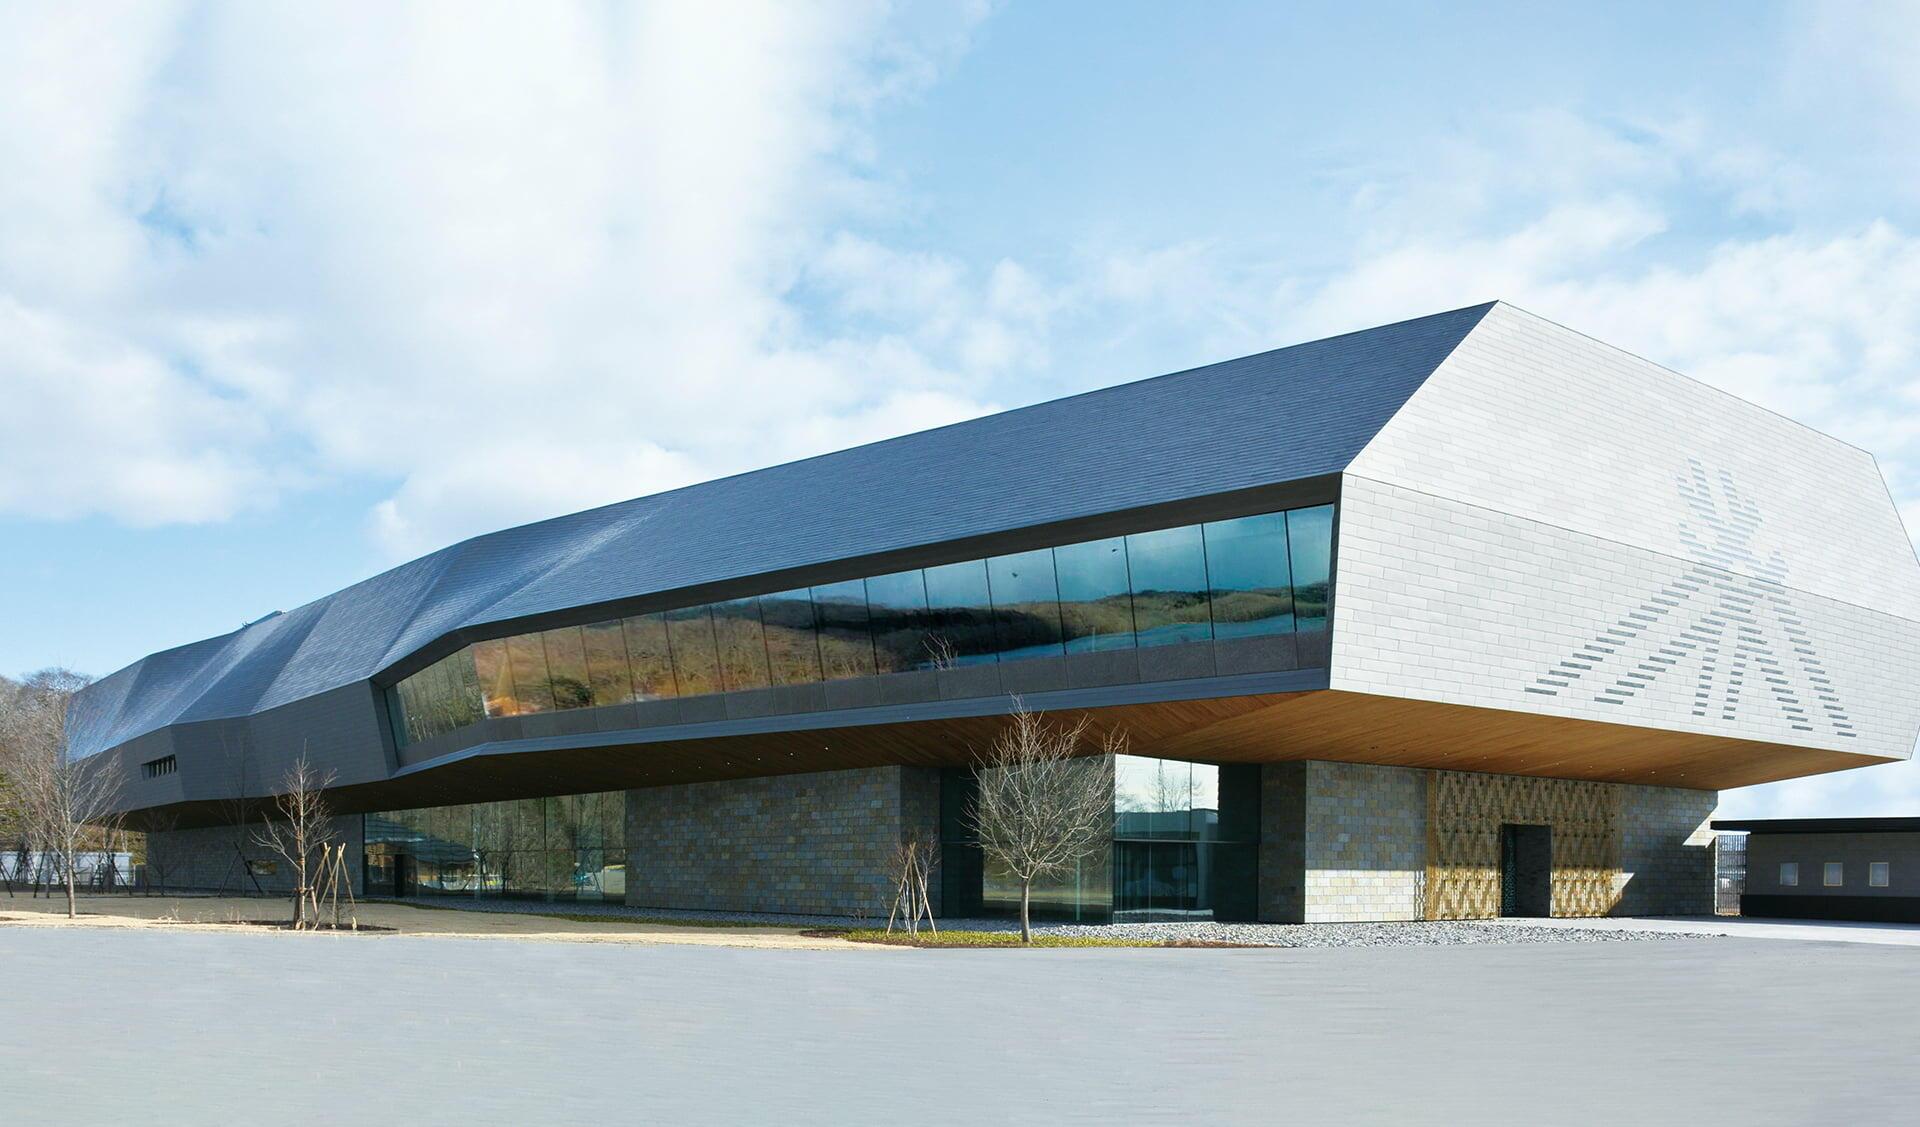 国立アイヌ民族博物館/ウポポイ(民族共生象徴空間)の写真